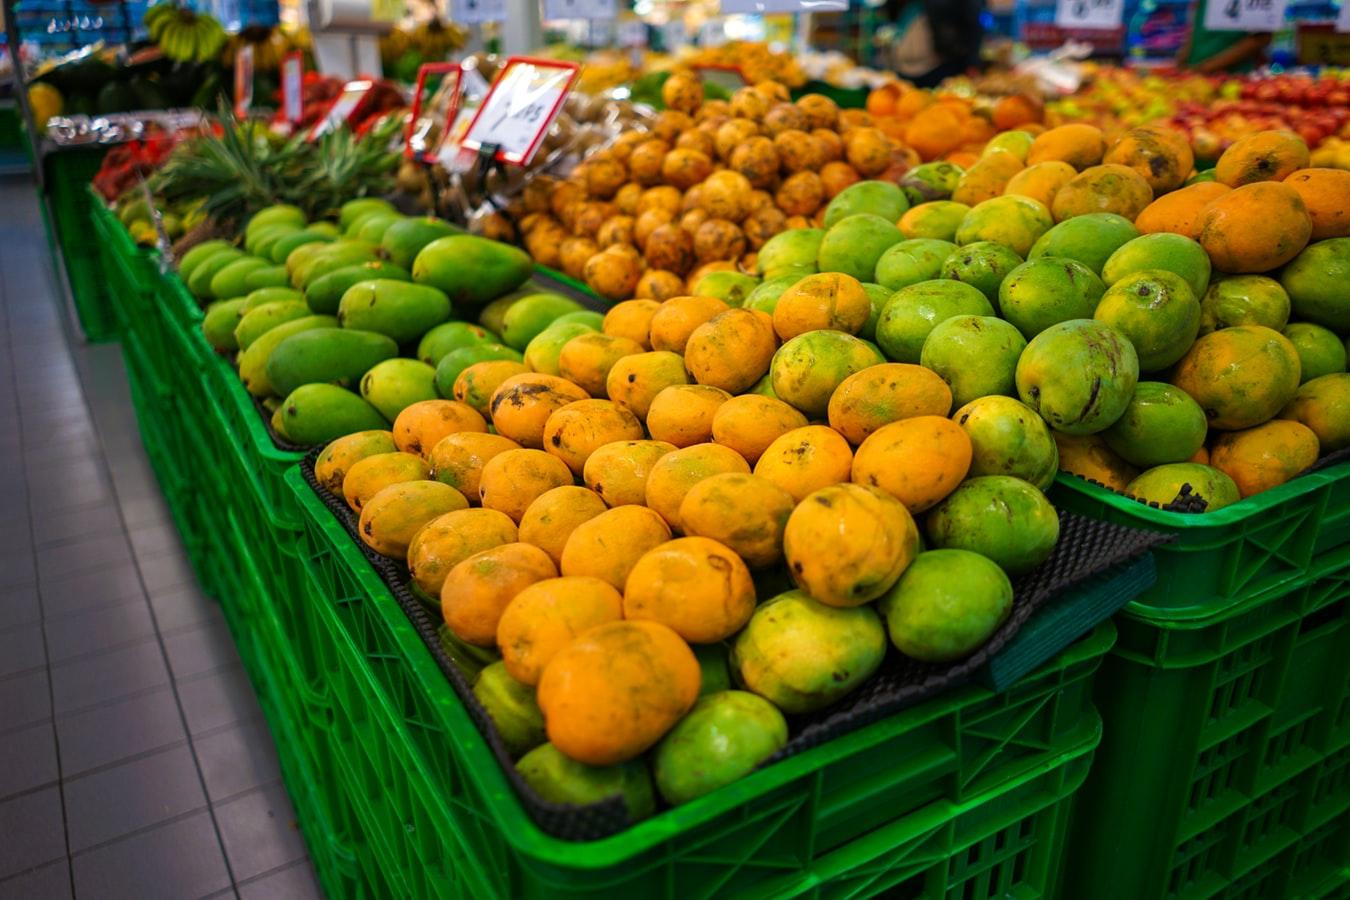 之前新聞有報導,有人吃芒果導致上吐下瀉,緊急送醫治療之後才緩解,為什麼吃個芒果竟會出現這種中毒的現象呢?這其實和你的體質有關,代表芒果和你有緣無份啊~以下這4大族群記得少吃為妙!